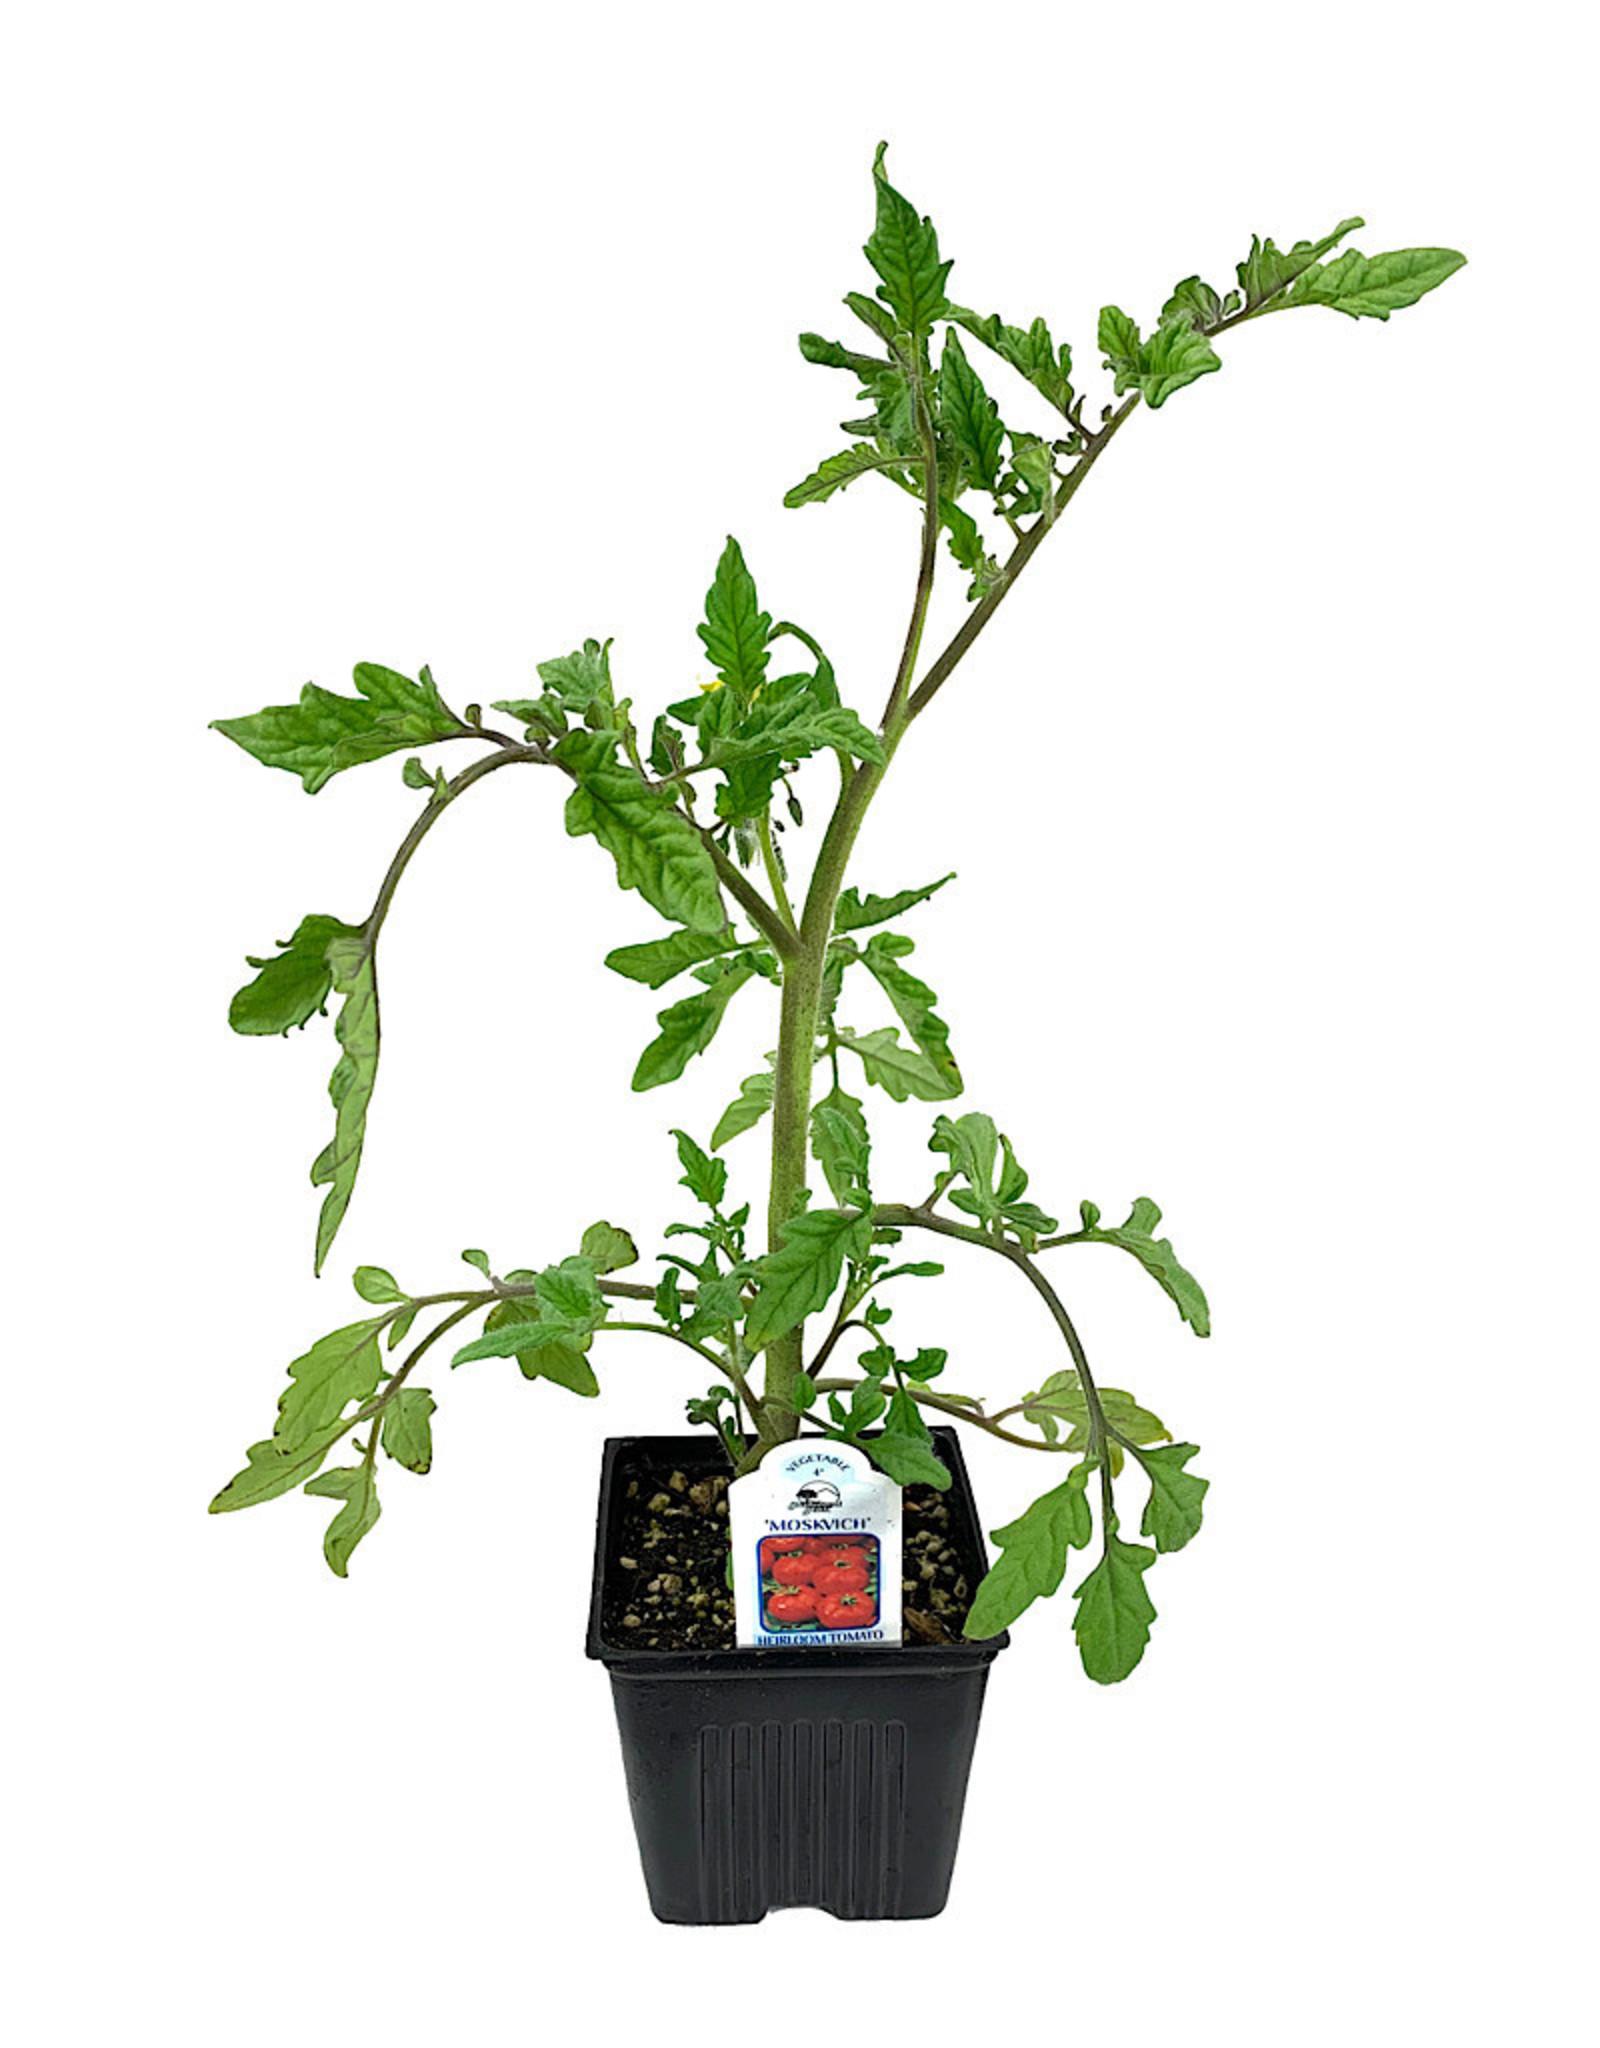 Tomato 'Moskvich' 4 Inch